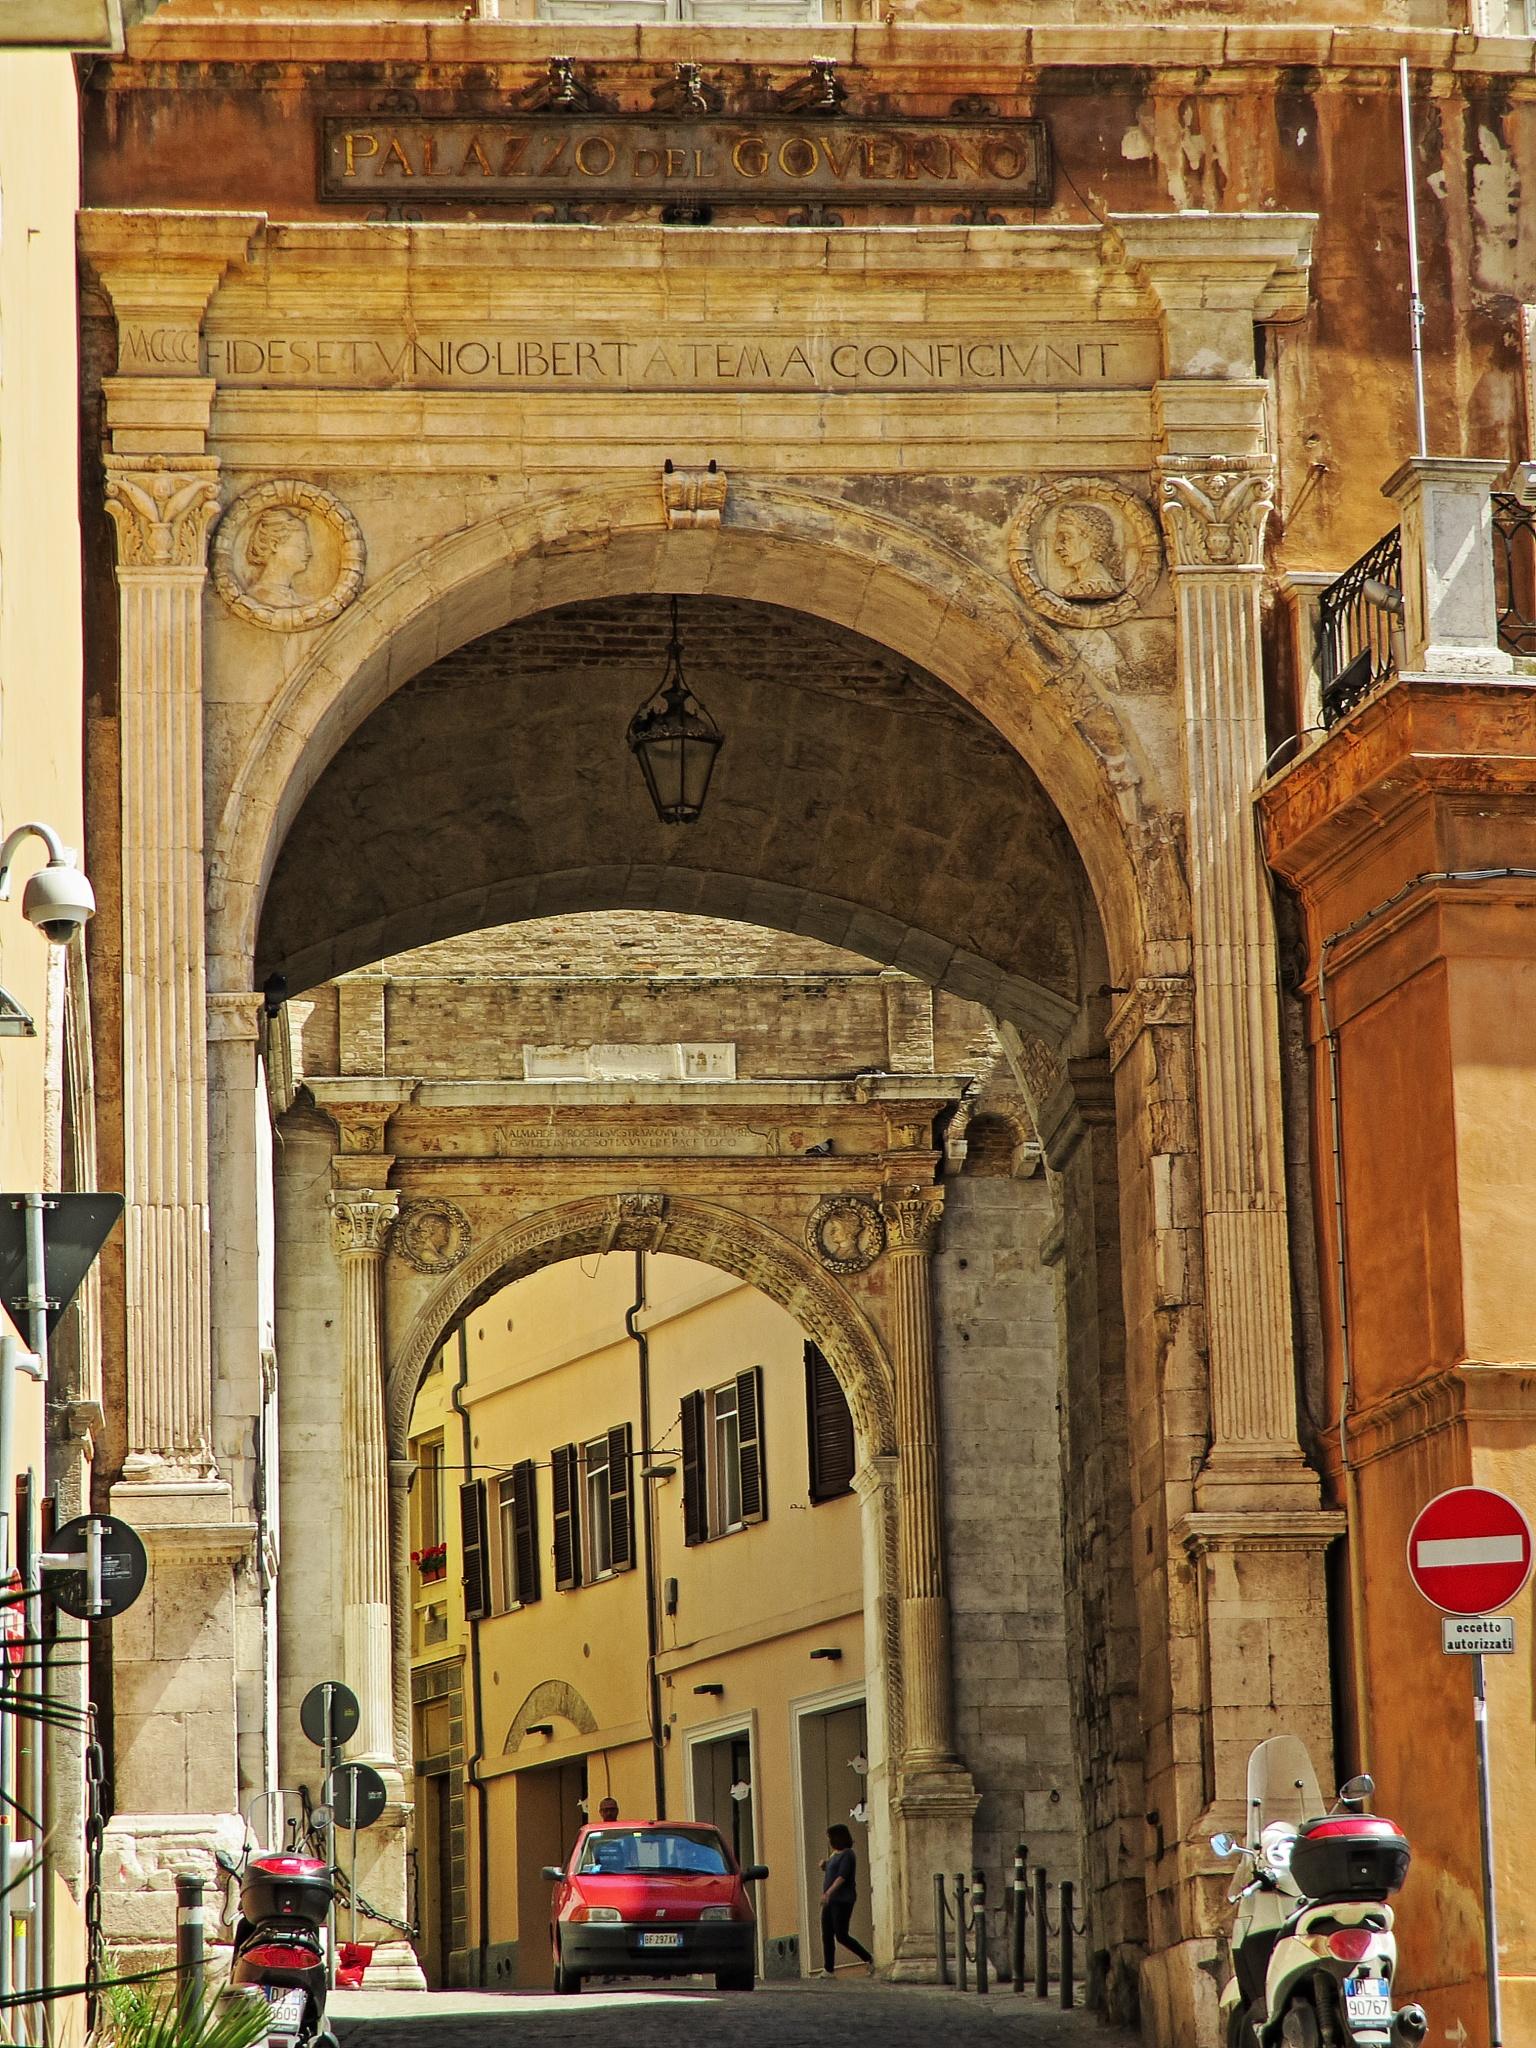 Ancona, Marche, Italy - Palazzo del Governo -Arco 1- by Gianni Del Bufalo CC BY-NC-SA by gianni del bufalo